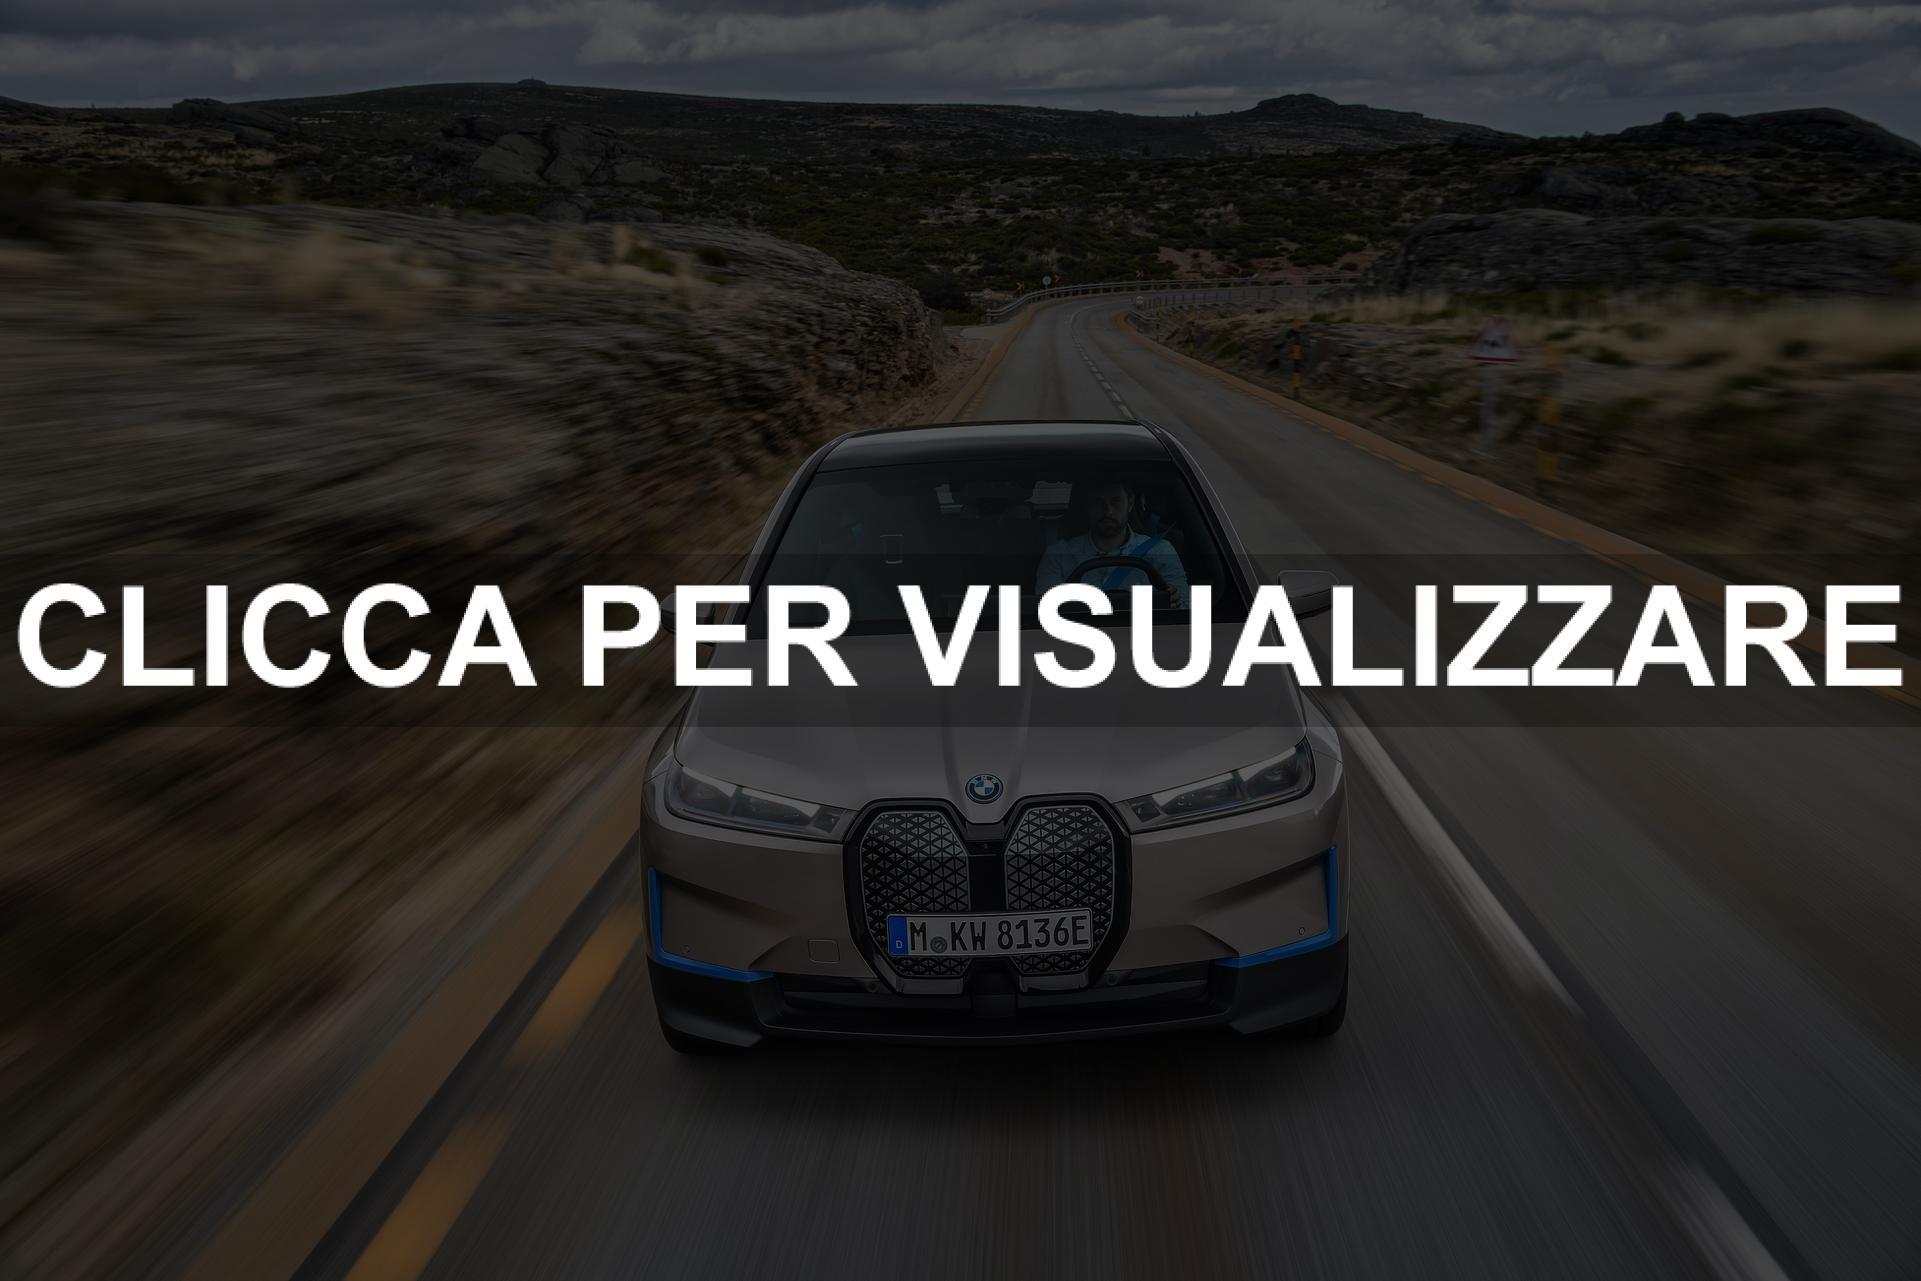 Frontale nuova BMW iX elettrica